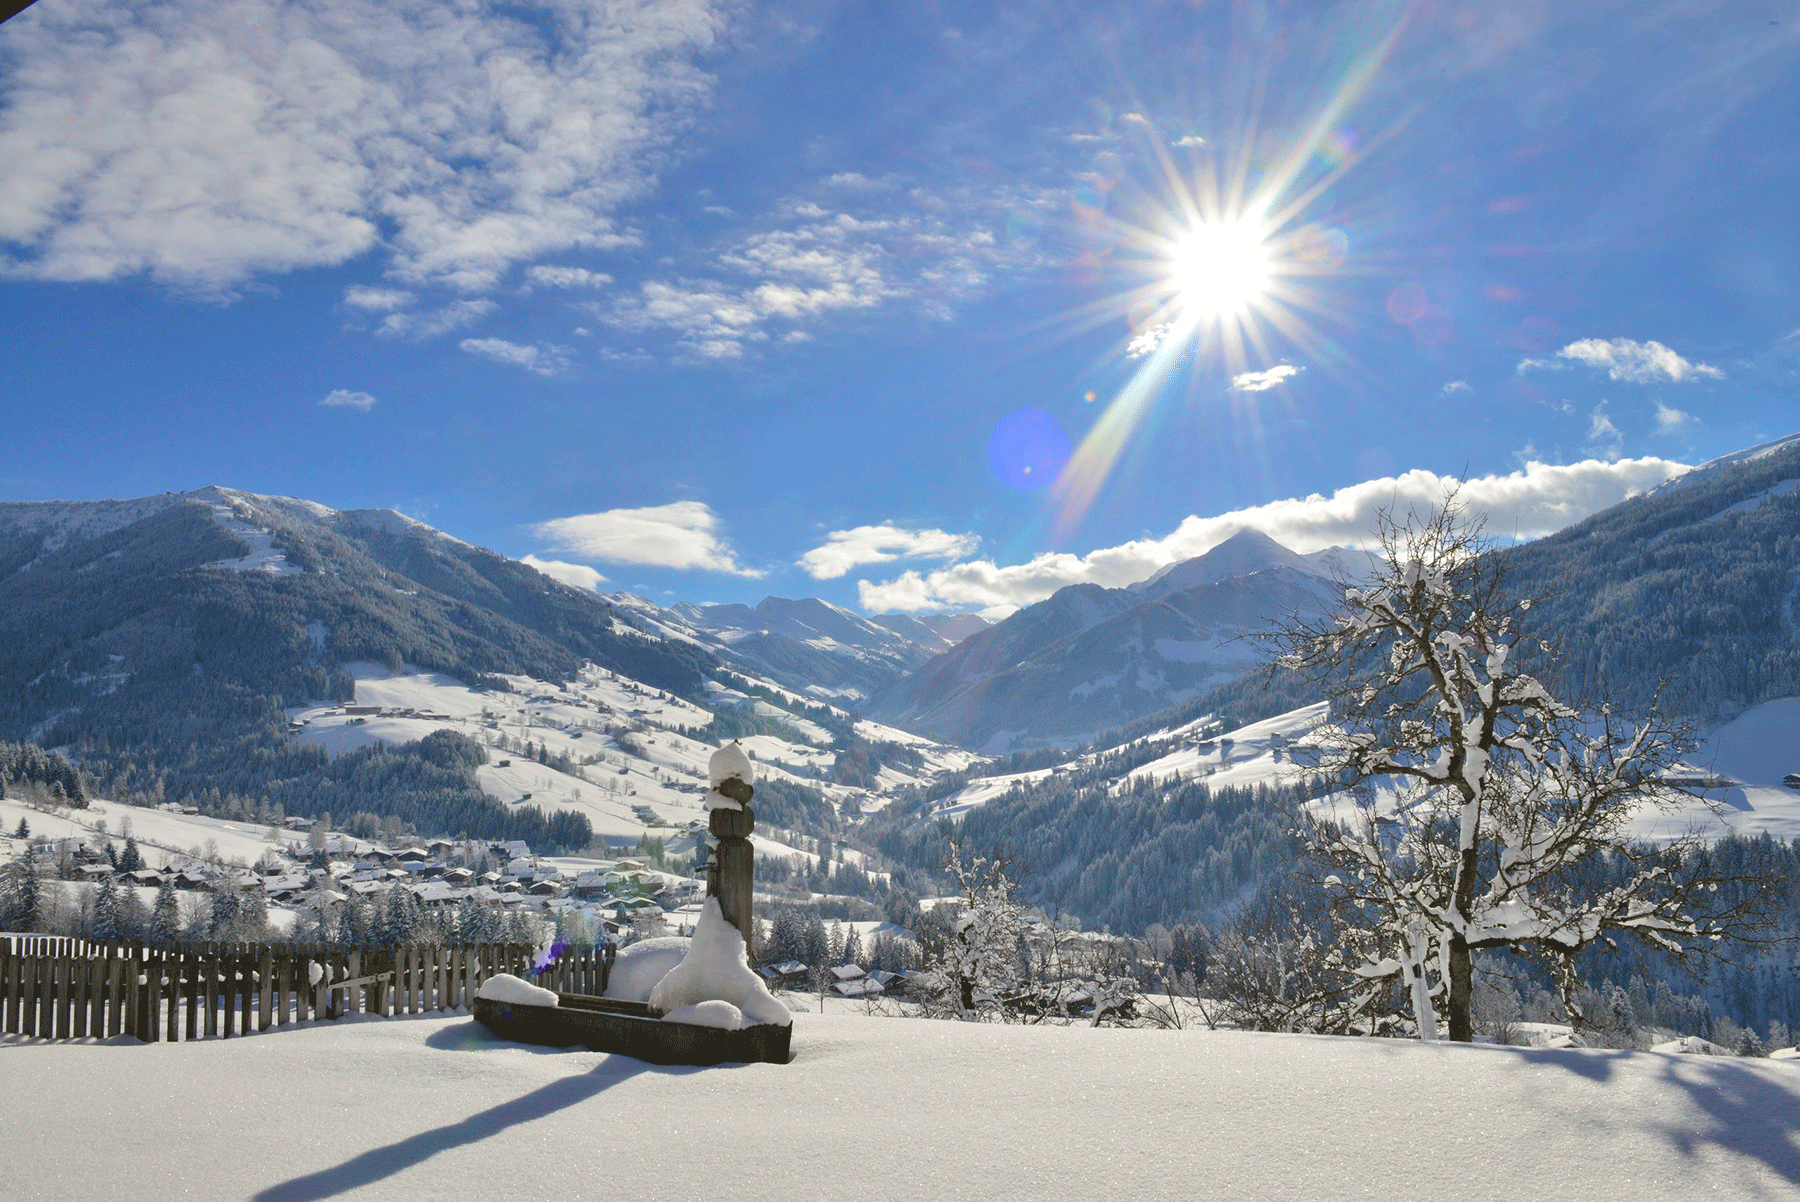 Bischofen im Winter_1 Winterurlaub Skigebiet Juwel